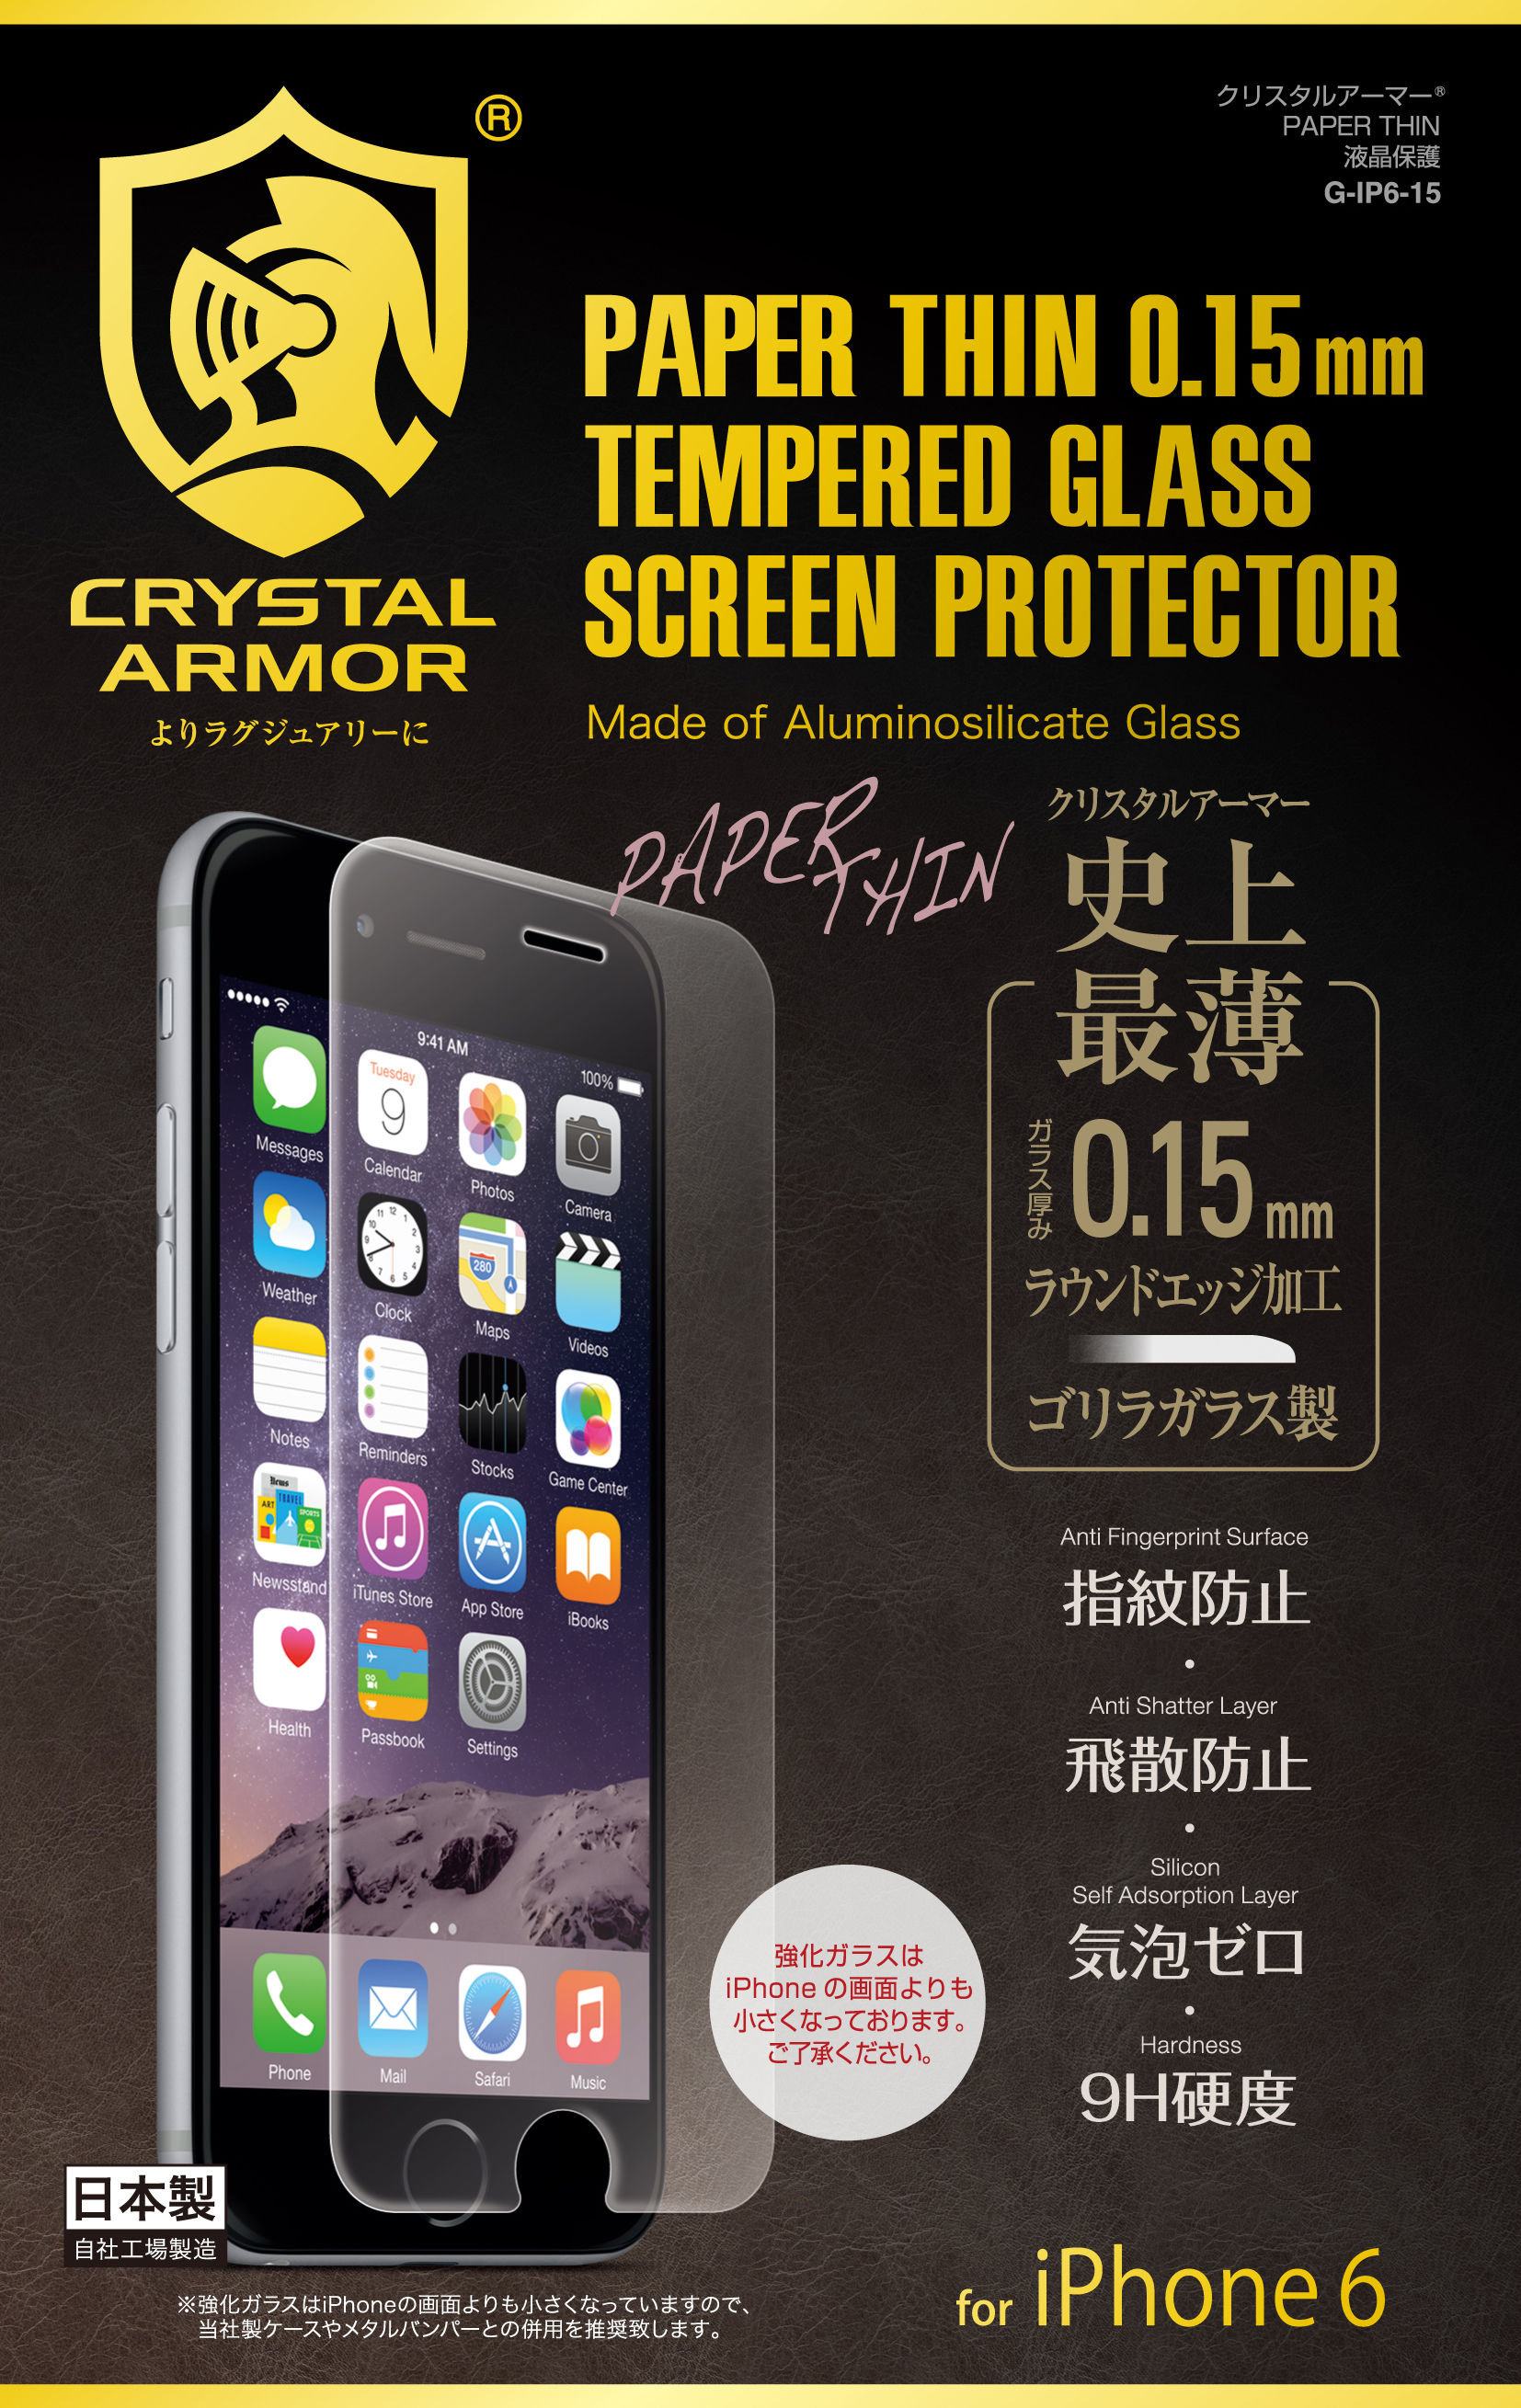 【IP6-15】クリスタルアーマー(R) プレミアム強化ガラス for iPhone 6 / 6s (0.15mm ゴリラガラス)